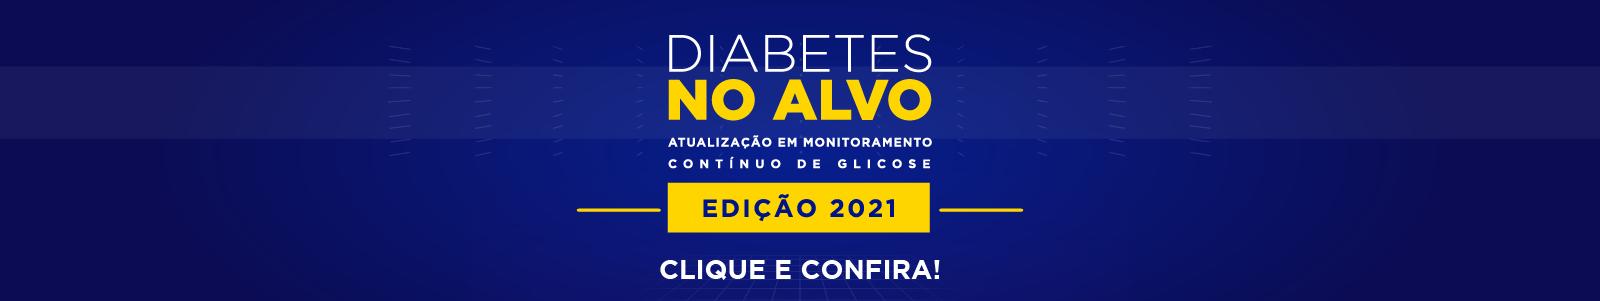 Diabetes No Alvo-Logo + Fundo Azul-completo cópia 6